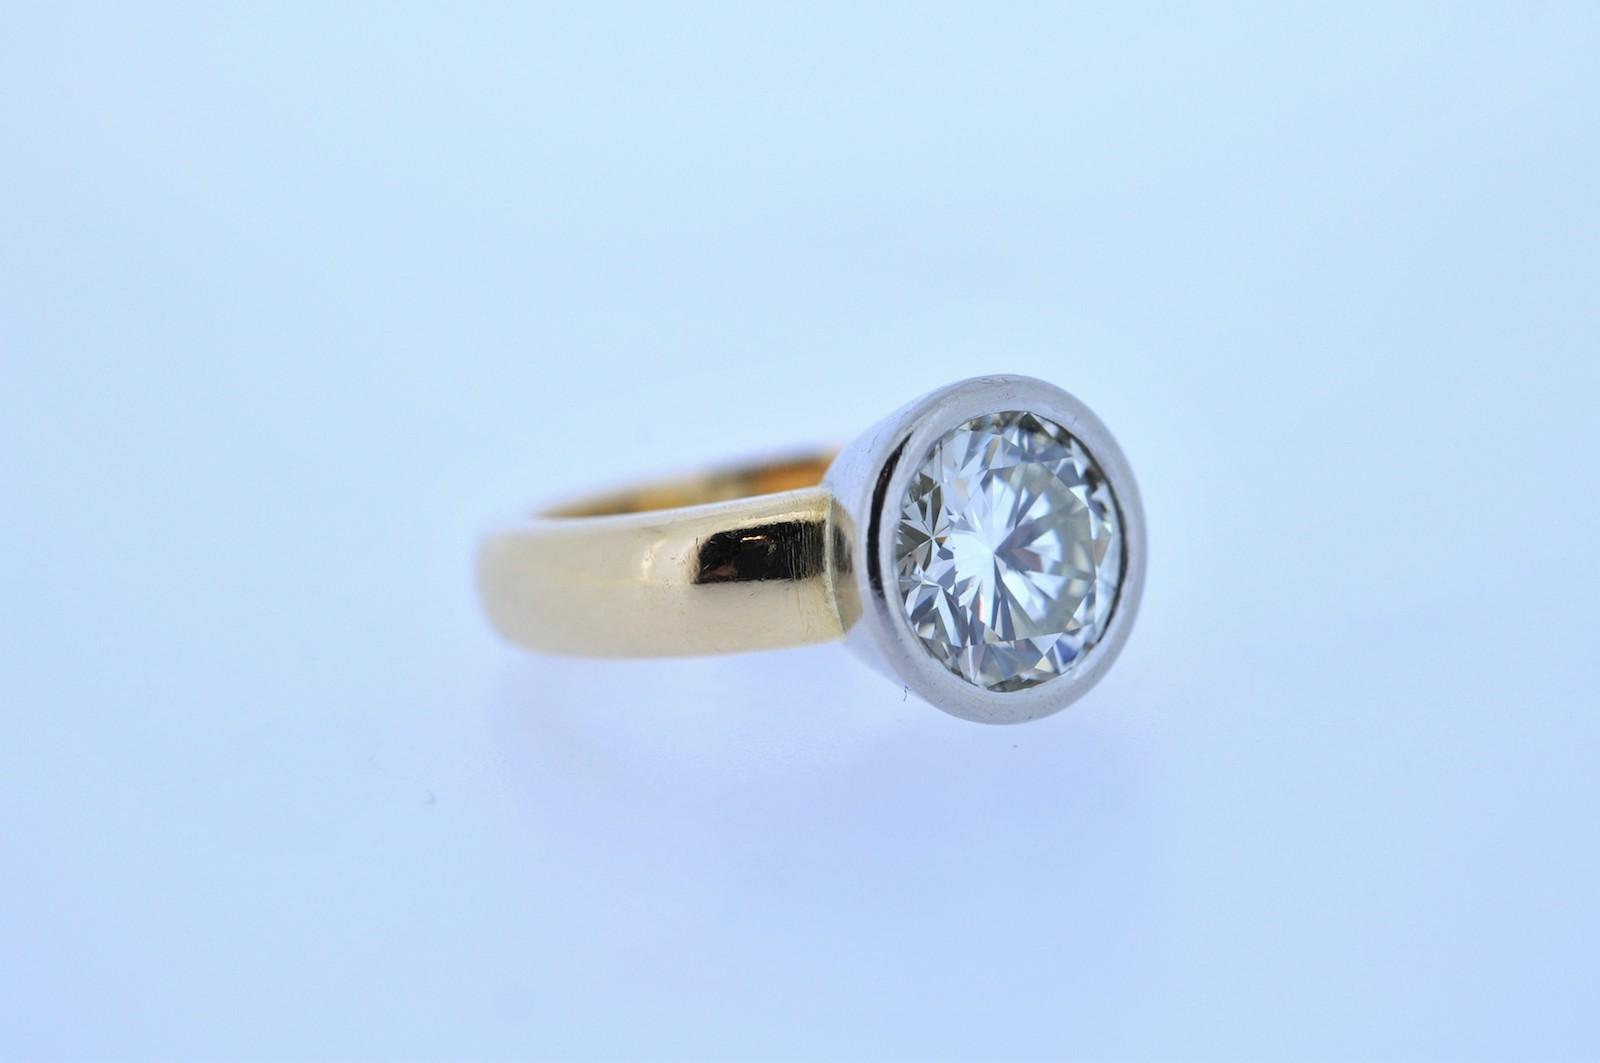 #46 Ring Image